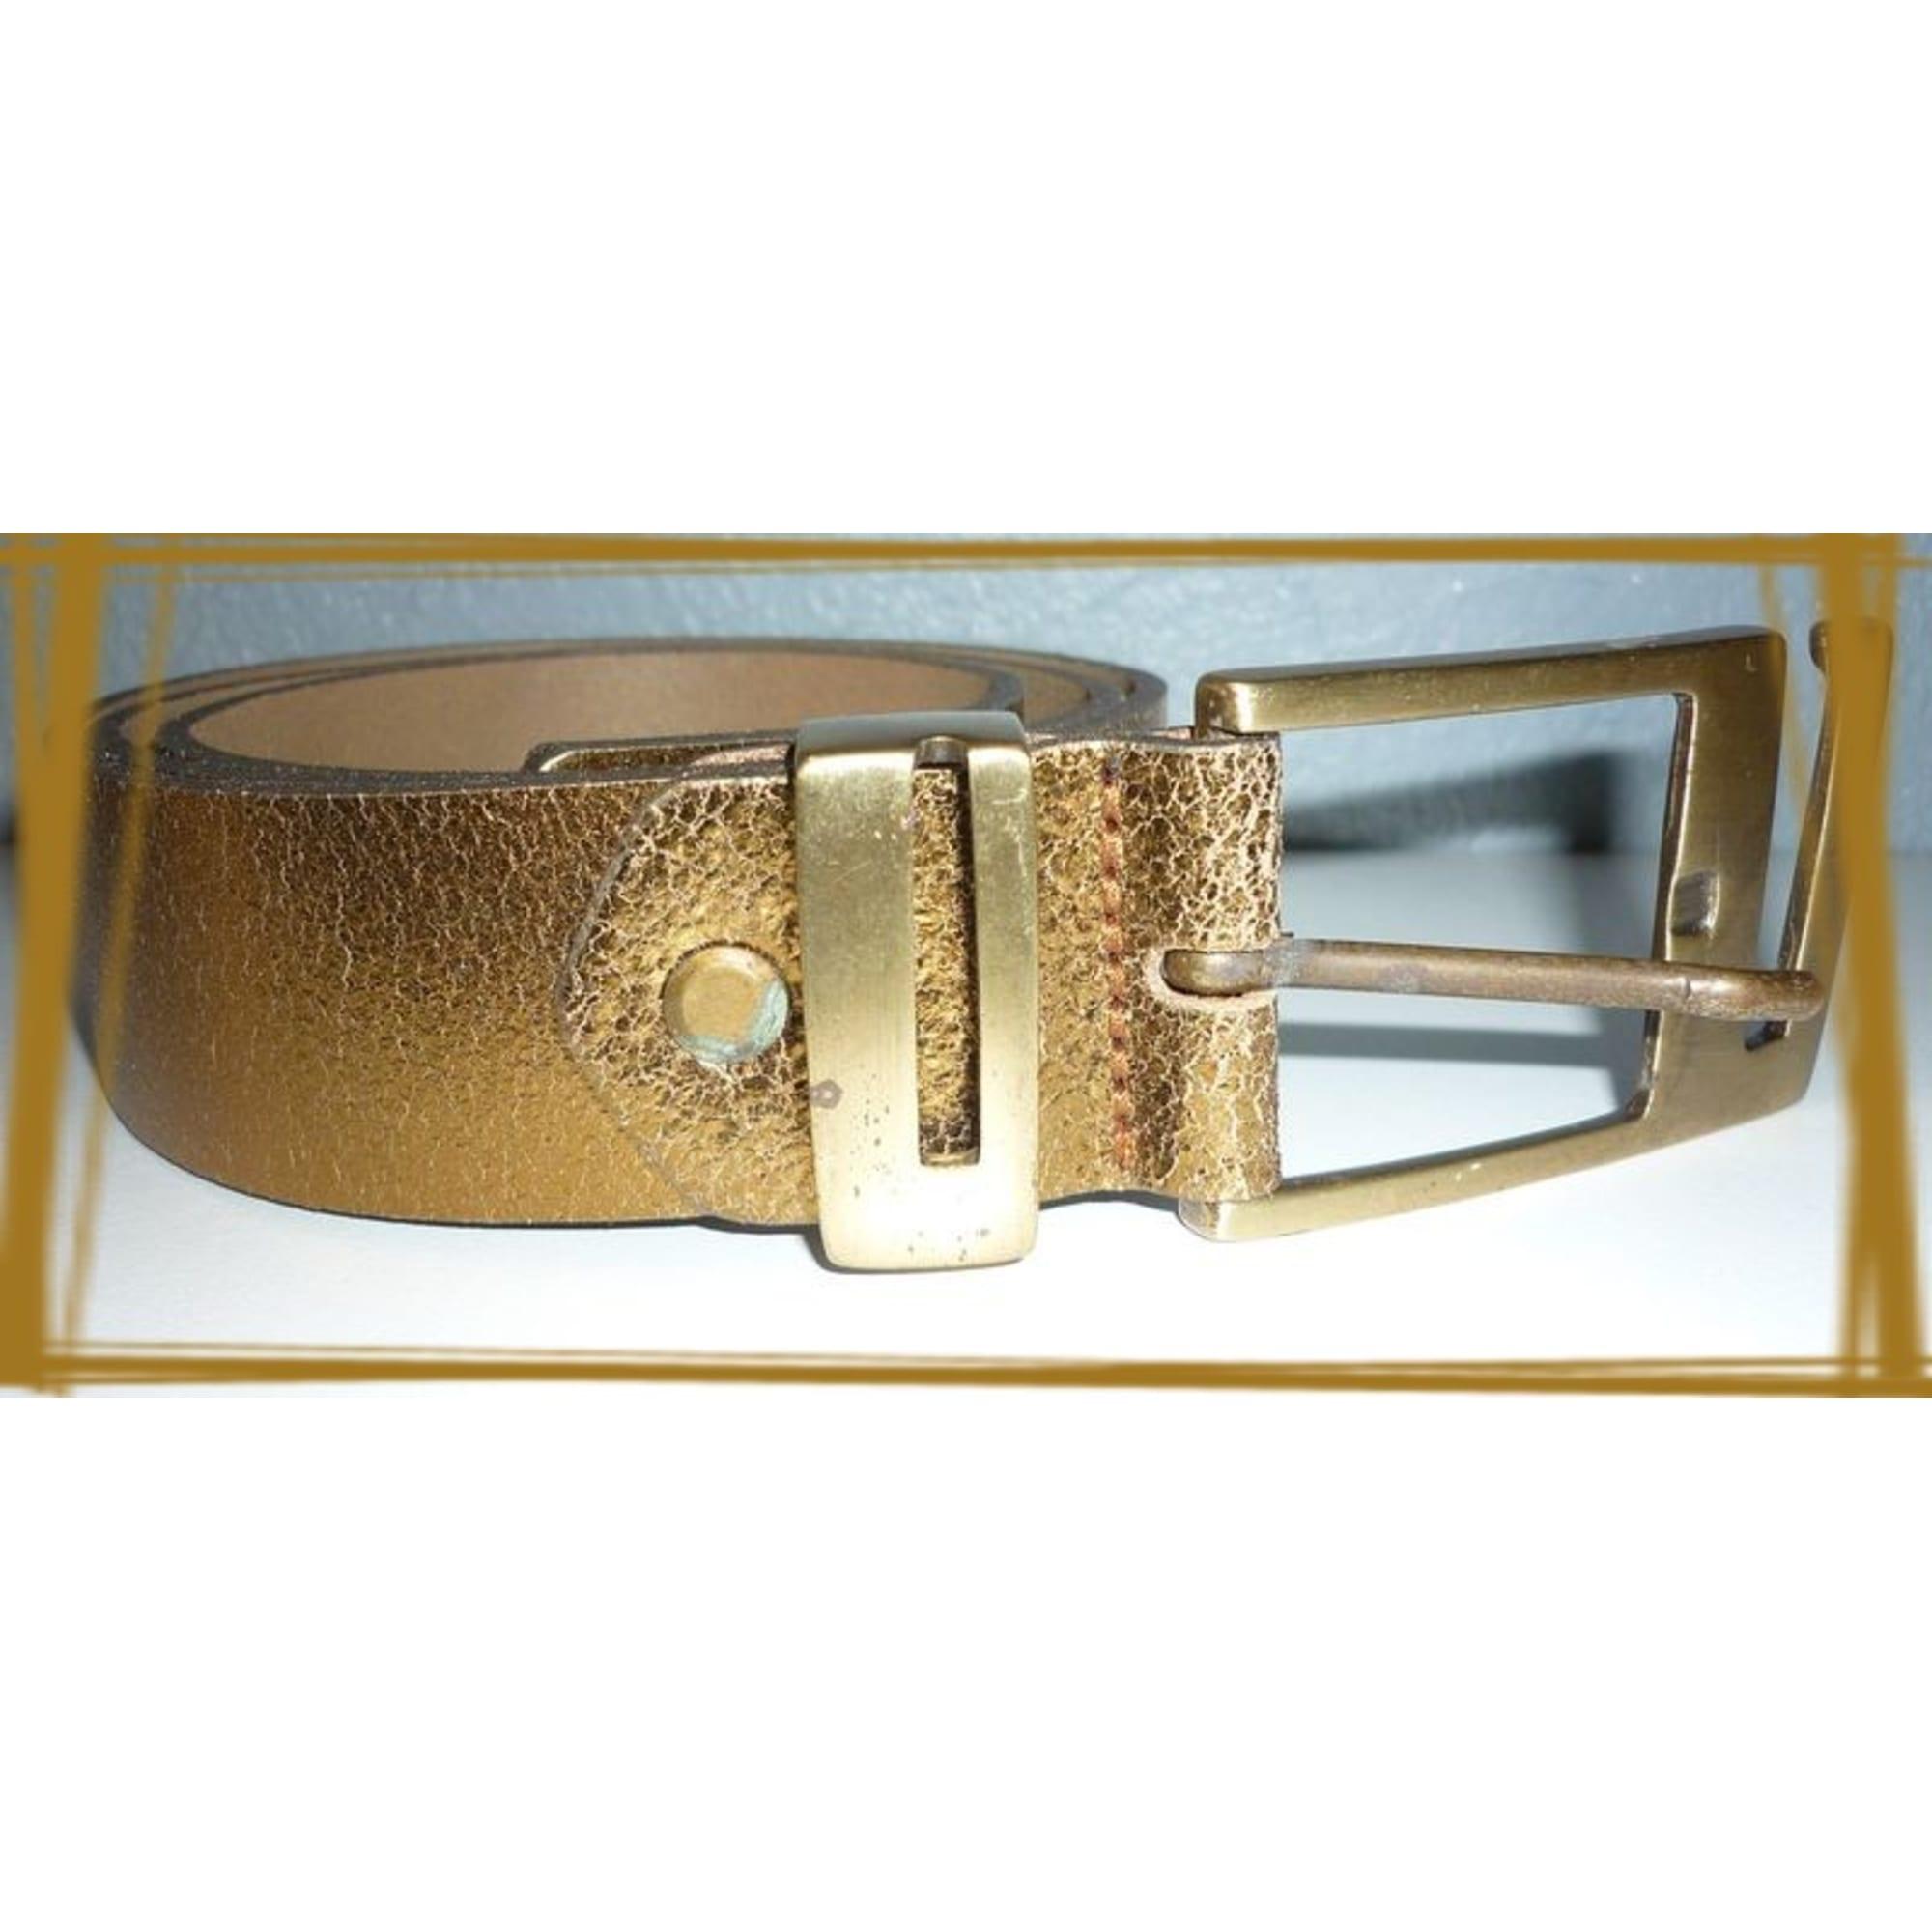 Ceinture large SENSATION CUIR 80 doré vendu par La boutique ... 924e767014d